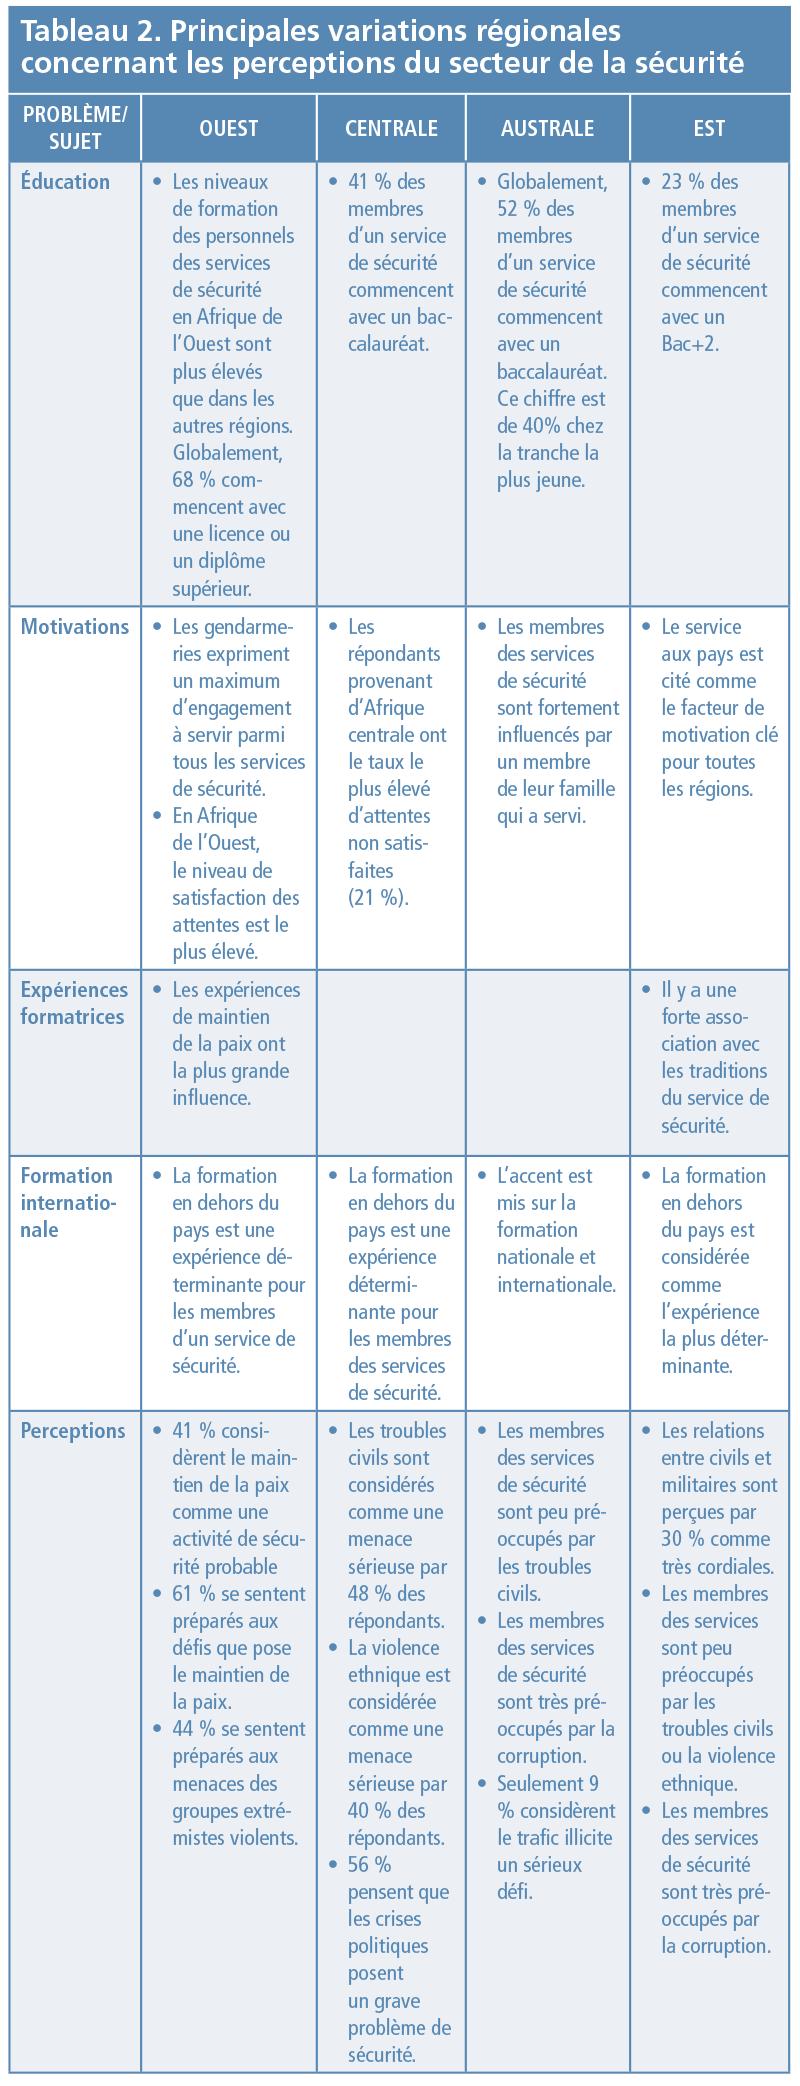 Tableau 2. Principales variations régionales concernant les perceptions du secteur de la sécurité